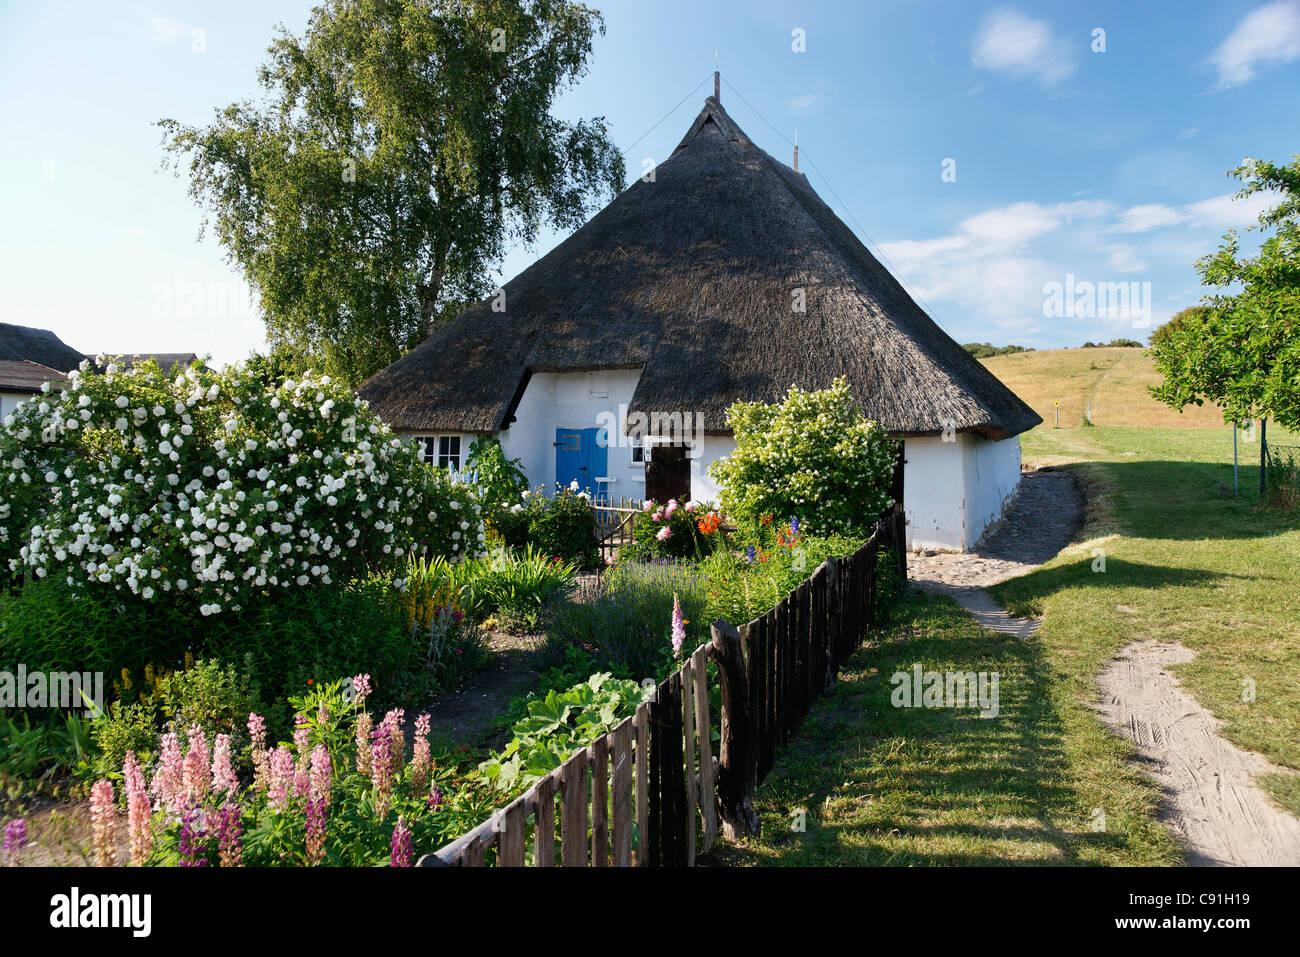 Picturesque Pastor's Widow House, Gross Zicker, Moenchgut, Ruegen, Mecklenburg-Western Pomerania, Germany, Europe - Stock Image